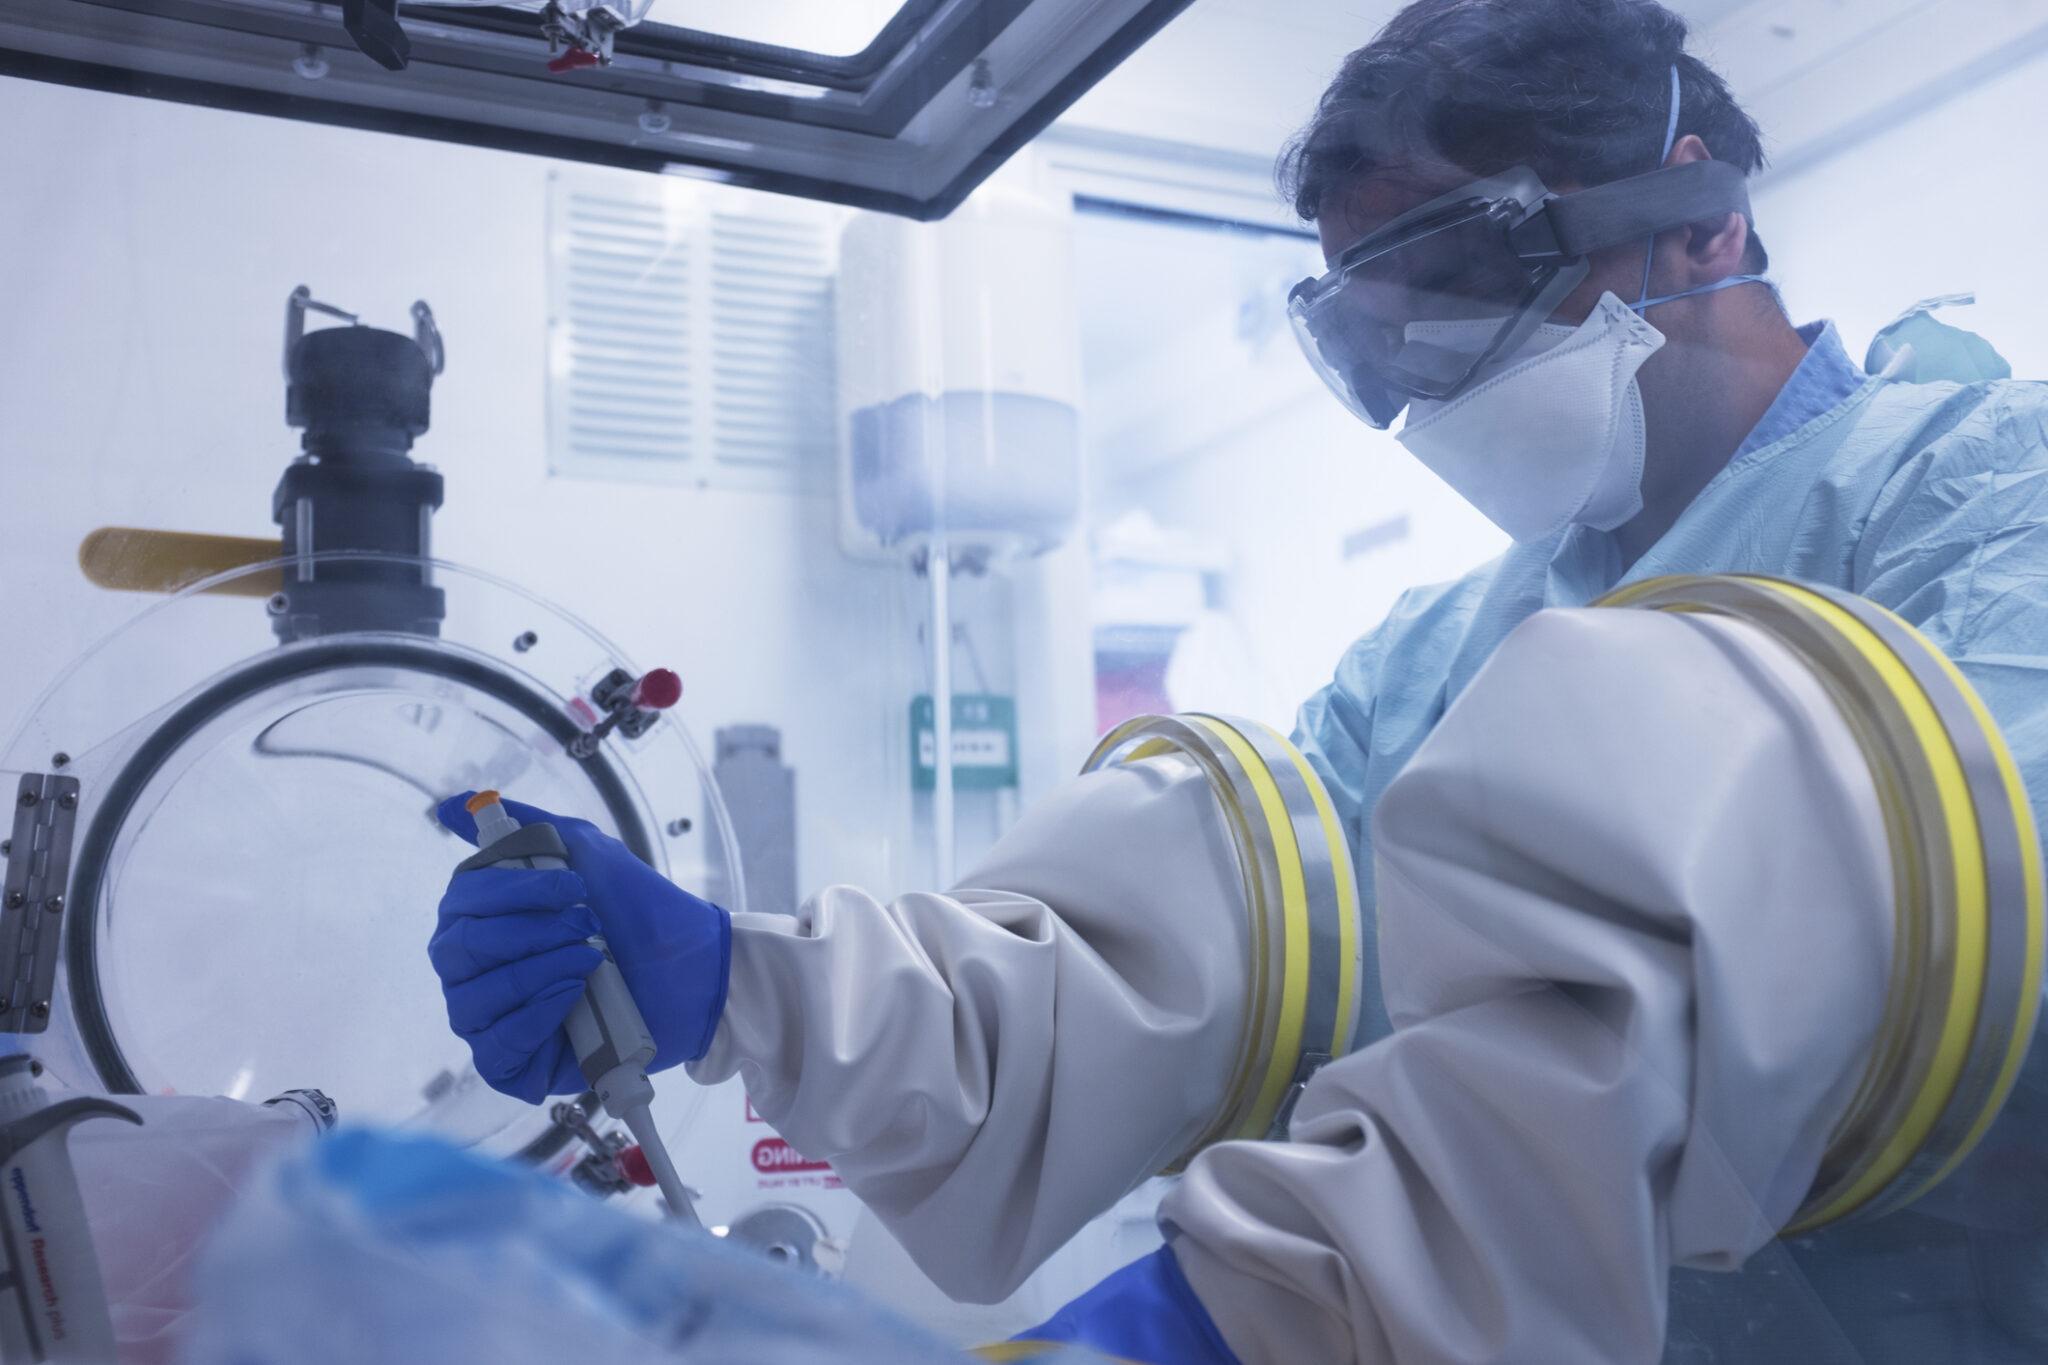 Mann mit Schutzanzug und hinter Glaswand im Labor